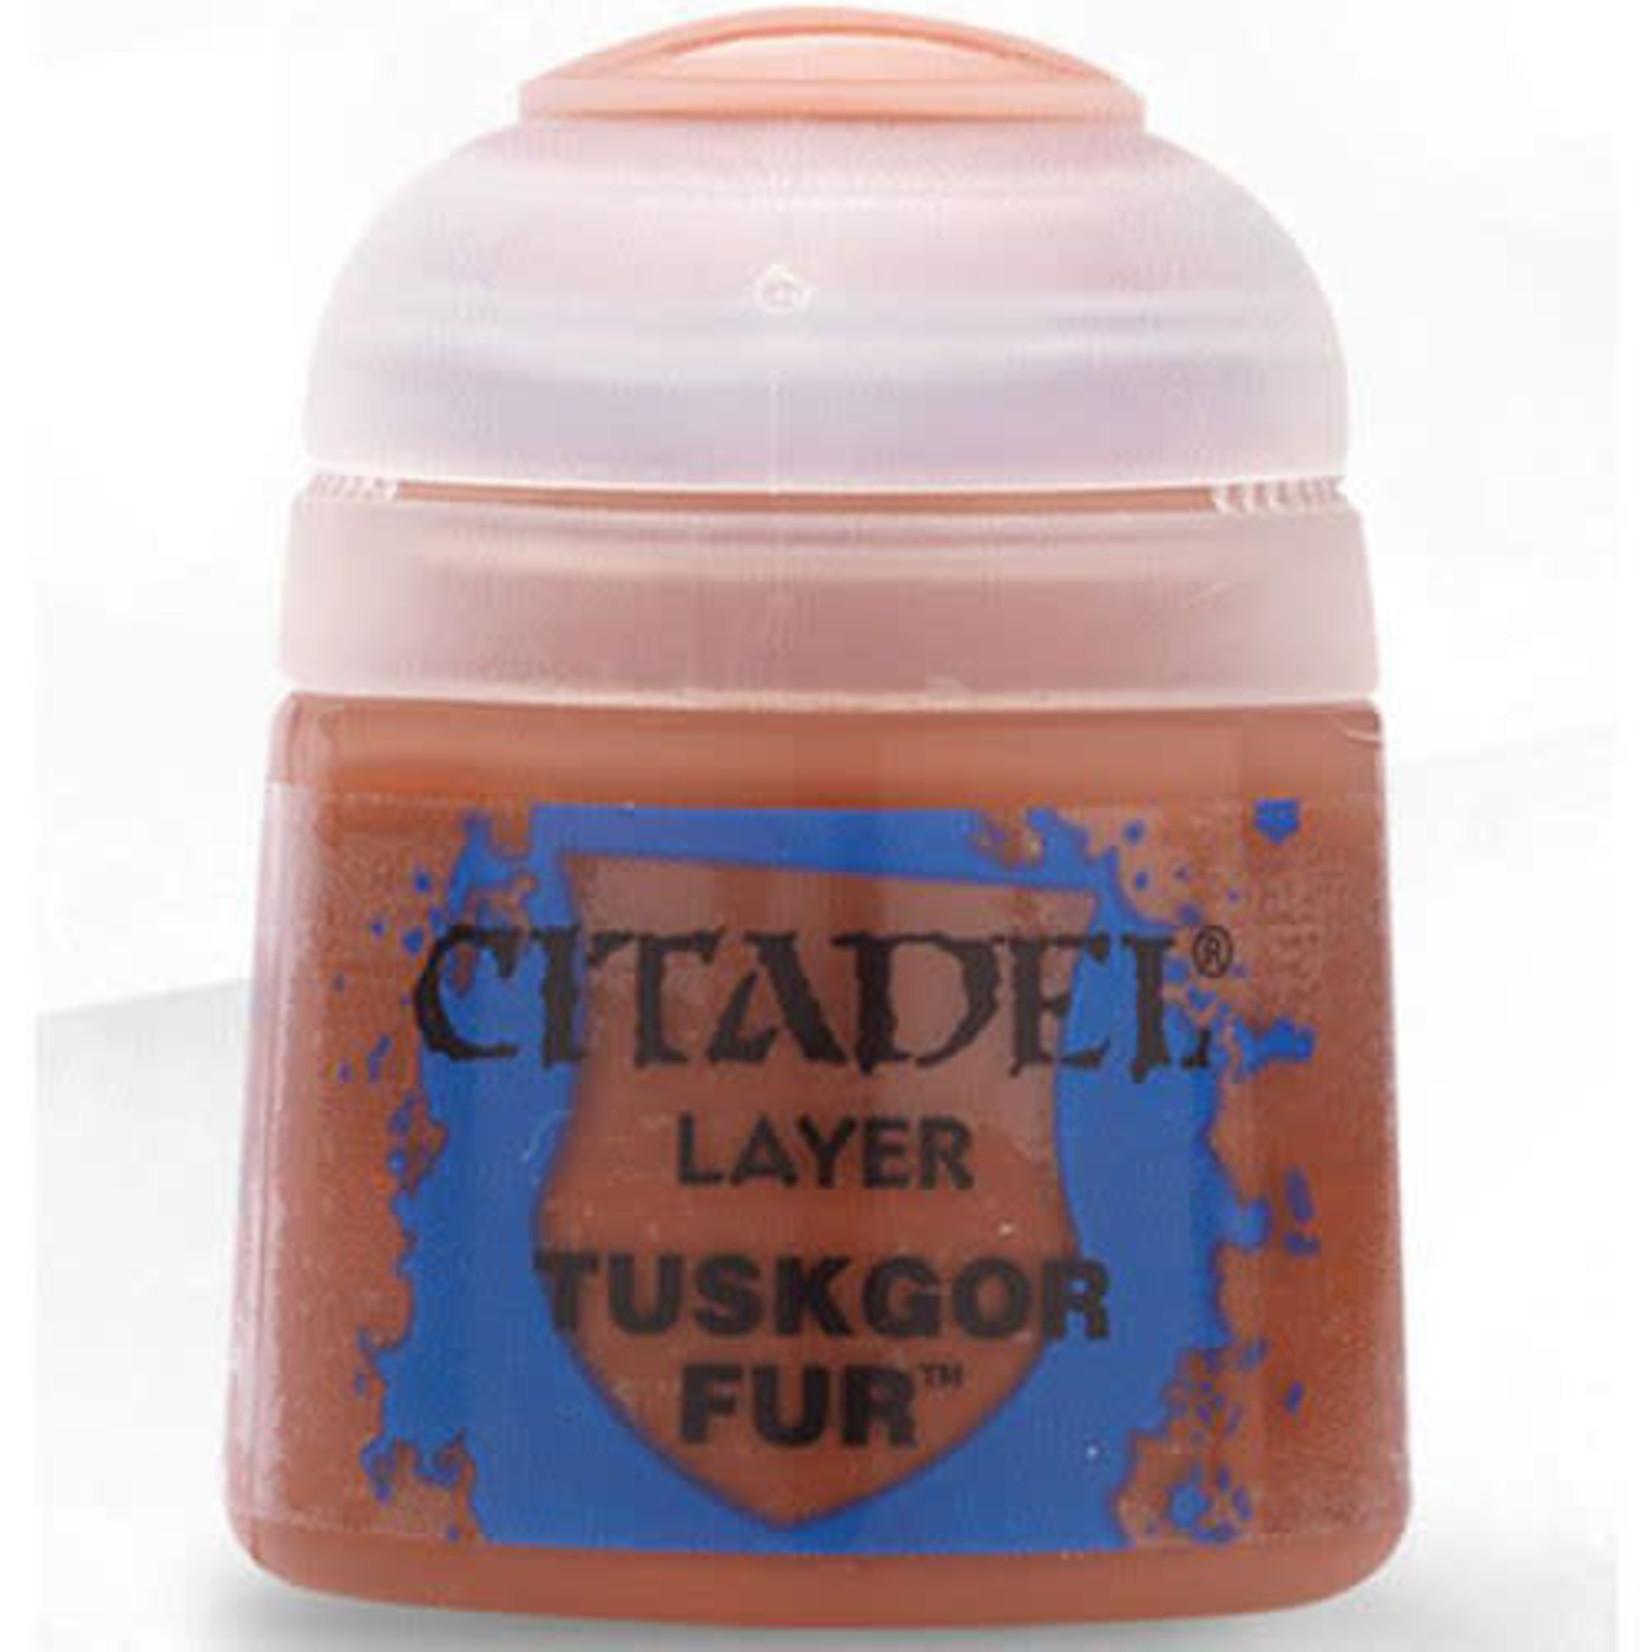 Games Workshop Citadel Paint: Tuskgor Fur 12ml